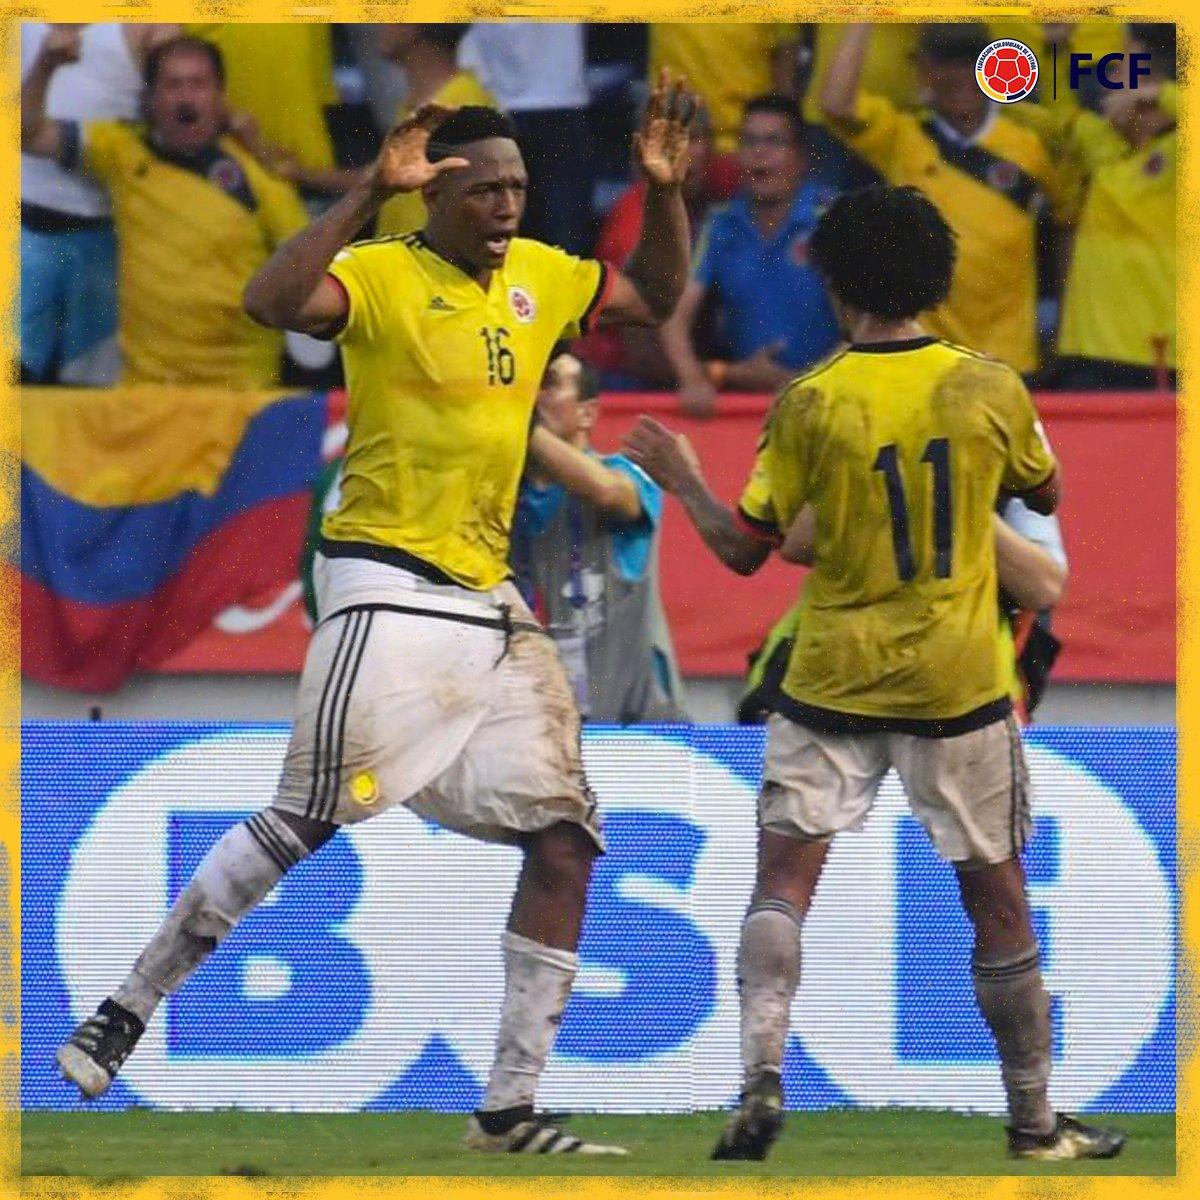 ¡Gooooooool de Colombia!  Yerry Mina se elevó por los aires 🐦 y con un potente cabezazo marcó el segundo gol para Colombia ⚽️🤯  🇨🇴2⃣-2⃣🇺🇾  #EnModoEliminatorias #ViveElGolCaracol https://t.co/vuYgRxhb5c